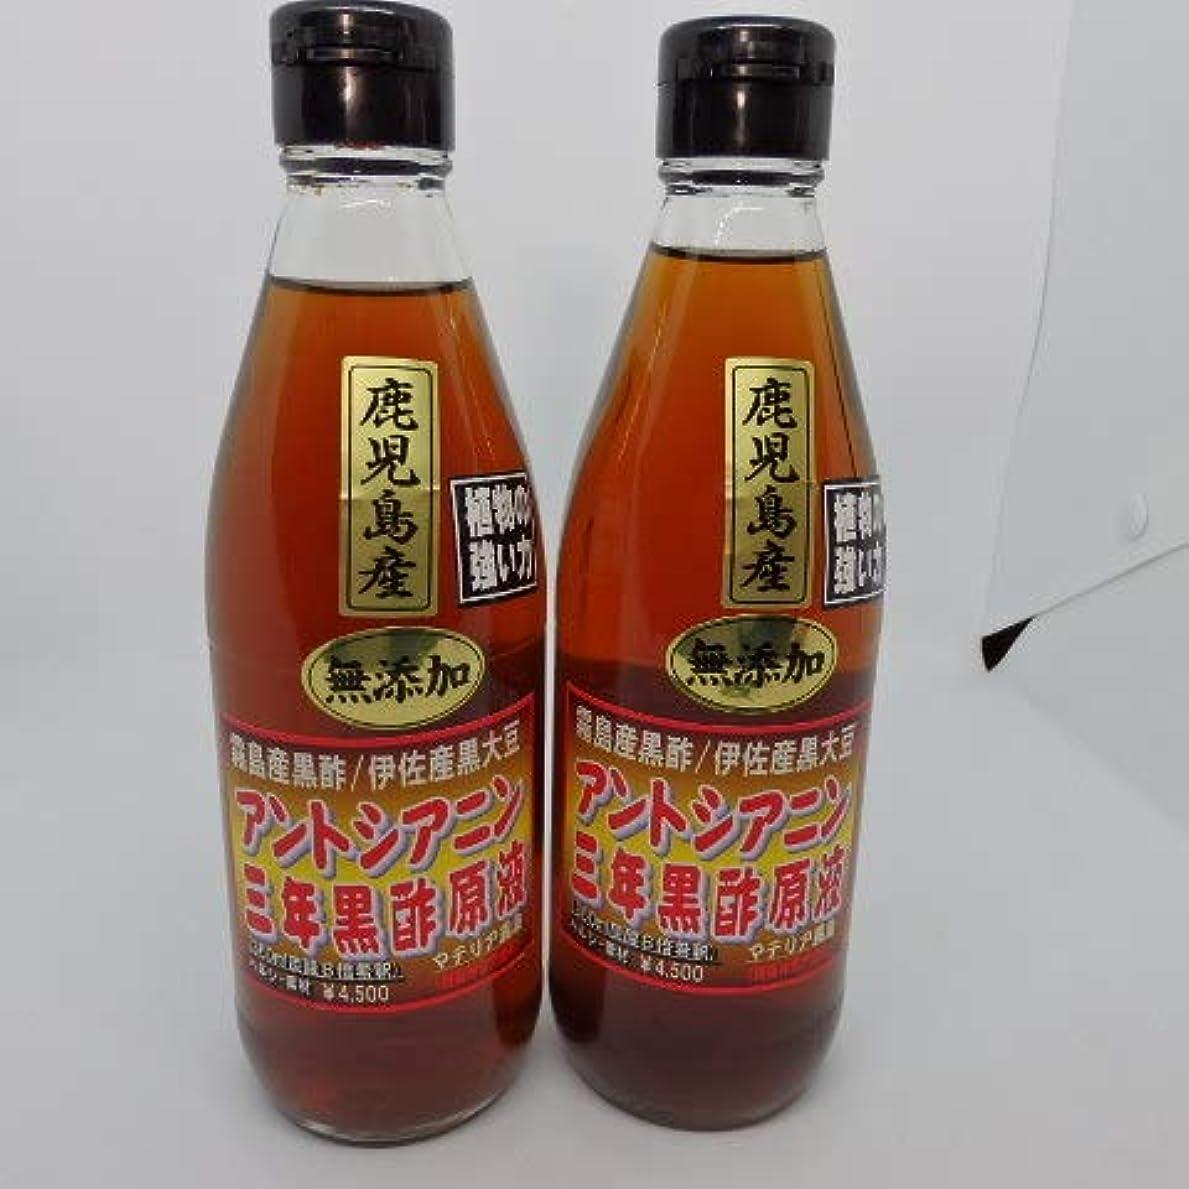 パリティ相関するそれるアントシアニン原液/無添加/黒酢黒豆三年熟成(360ml)×2組6月分¥7,300